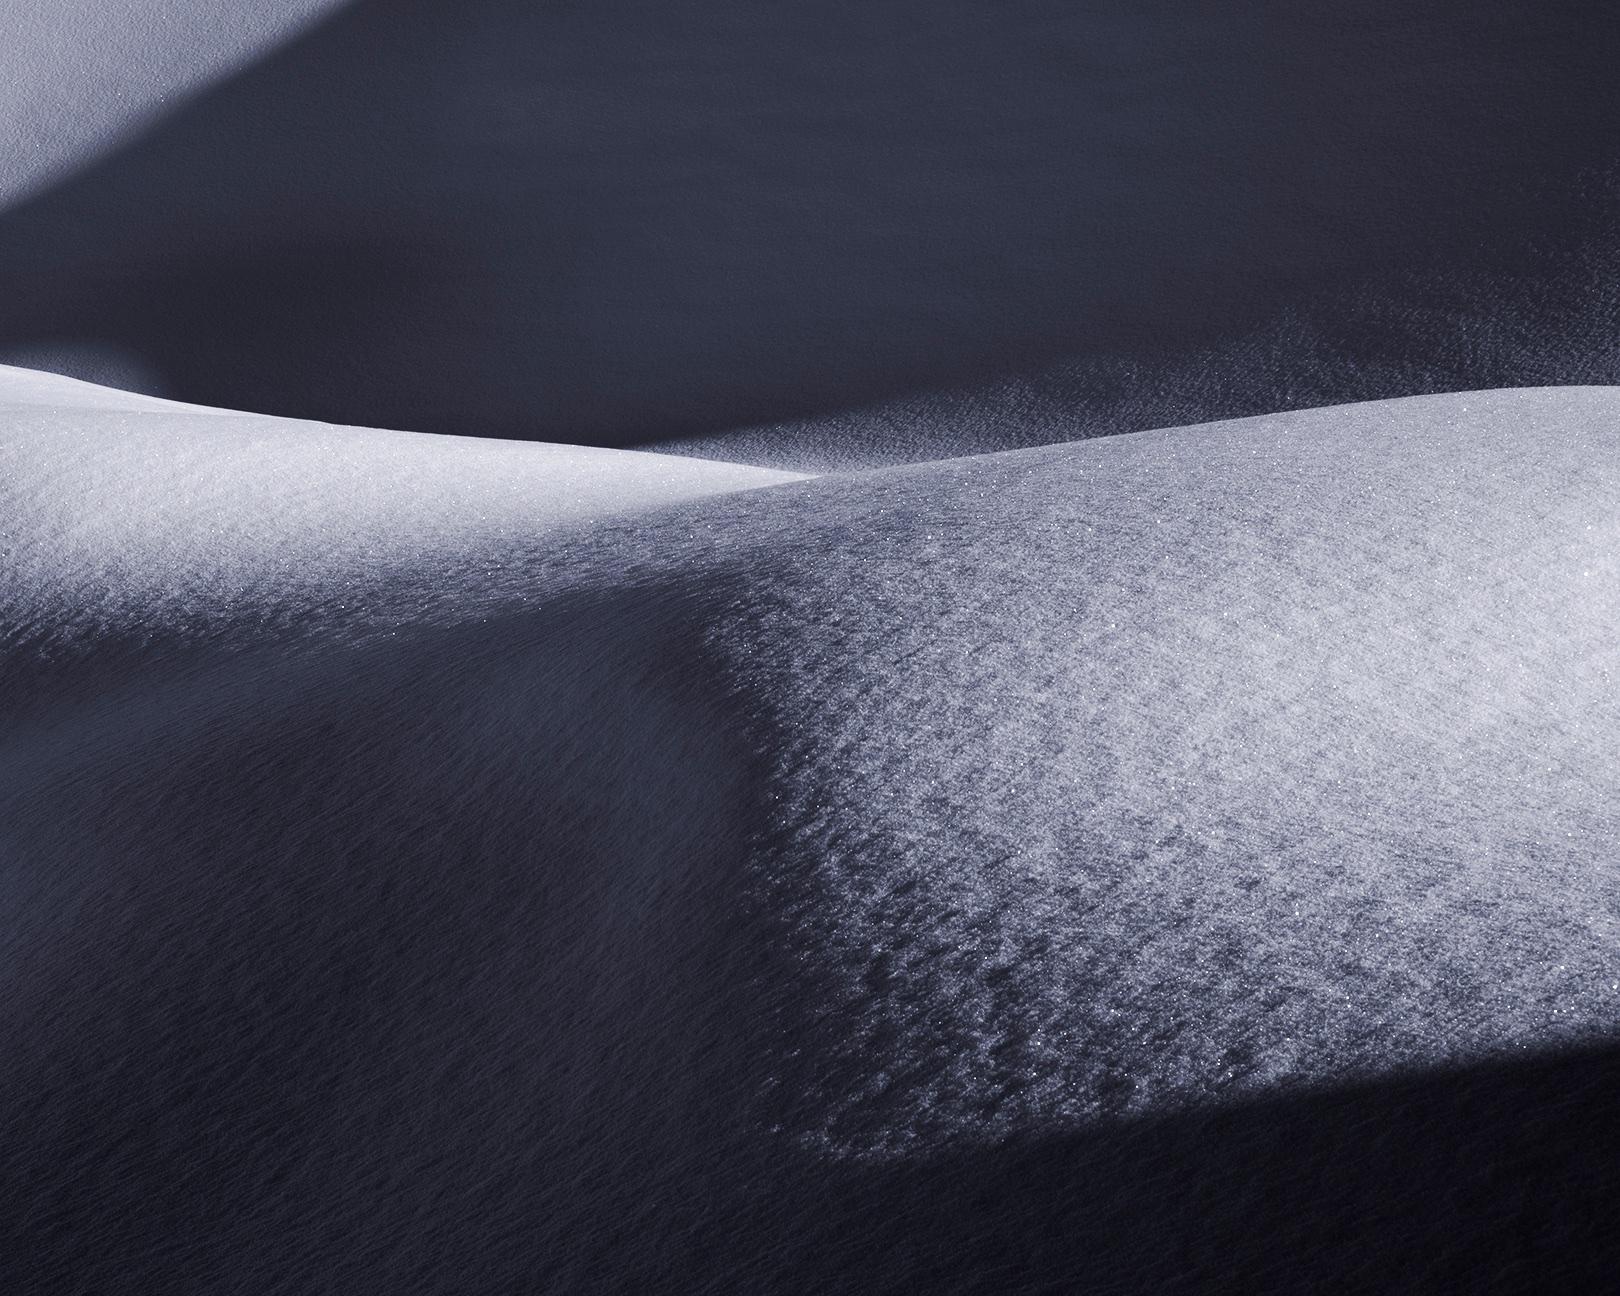 Sensuous Snow VI, 2013